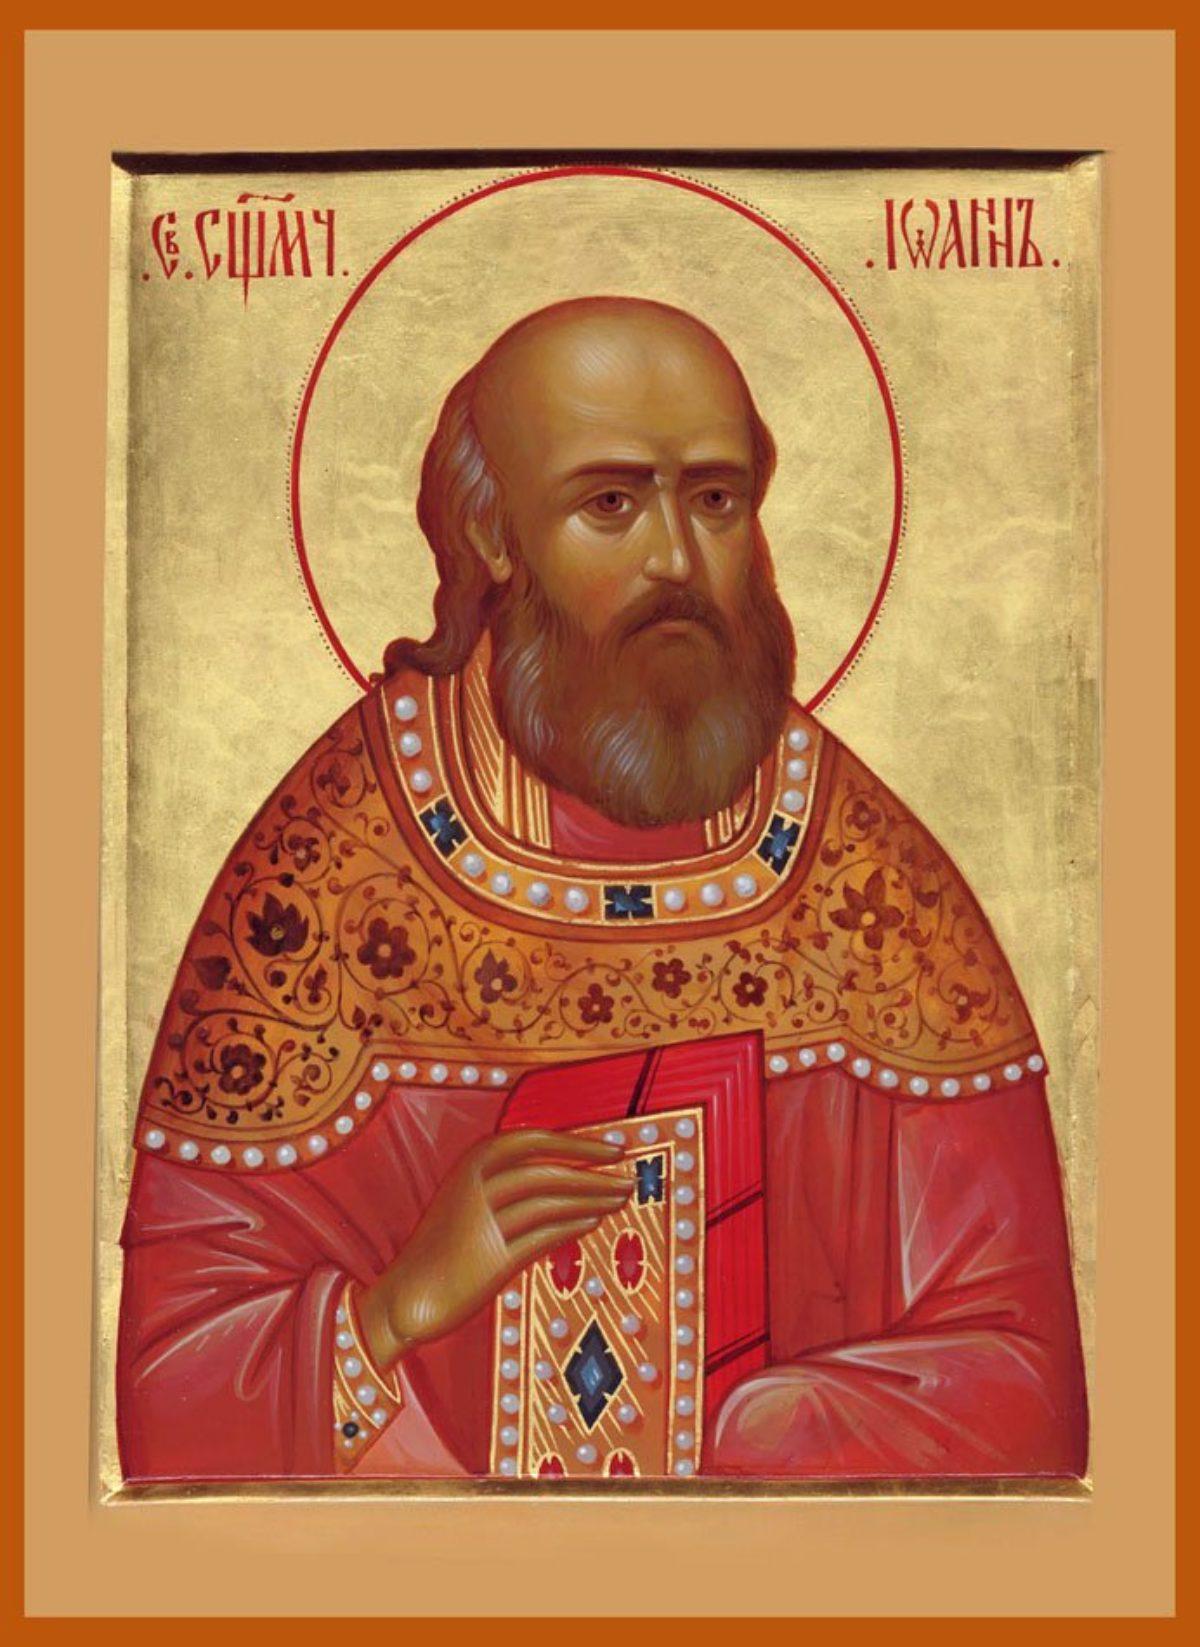 Богослужение в день памяти священномученика Иоанна Восторгова